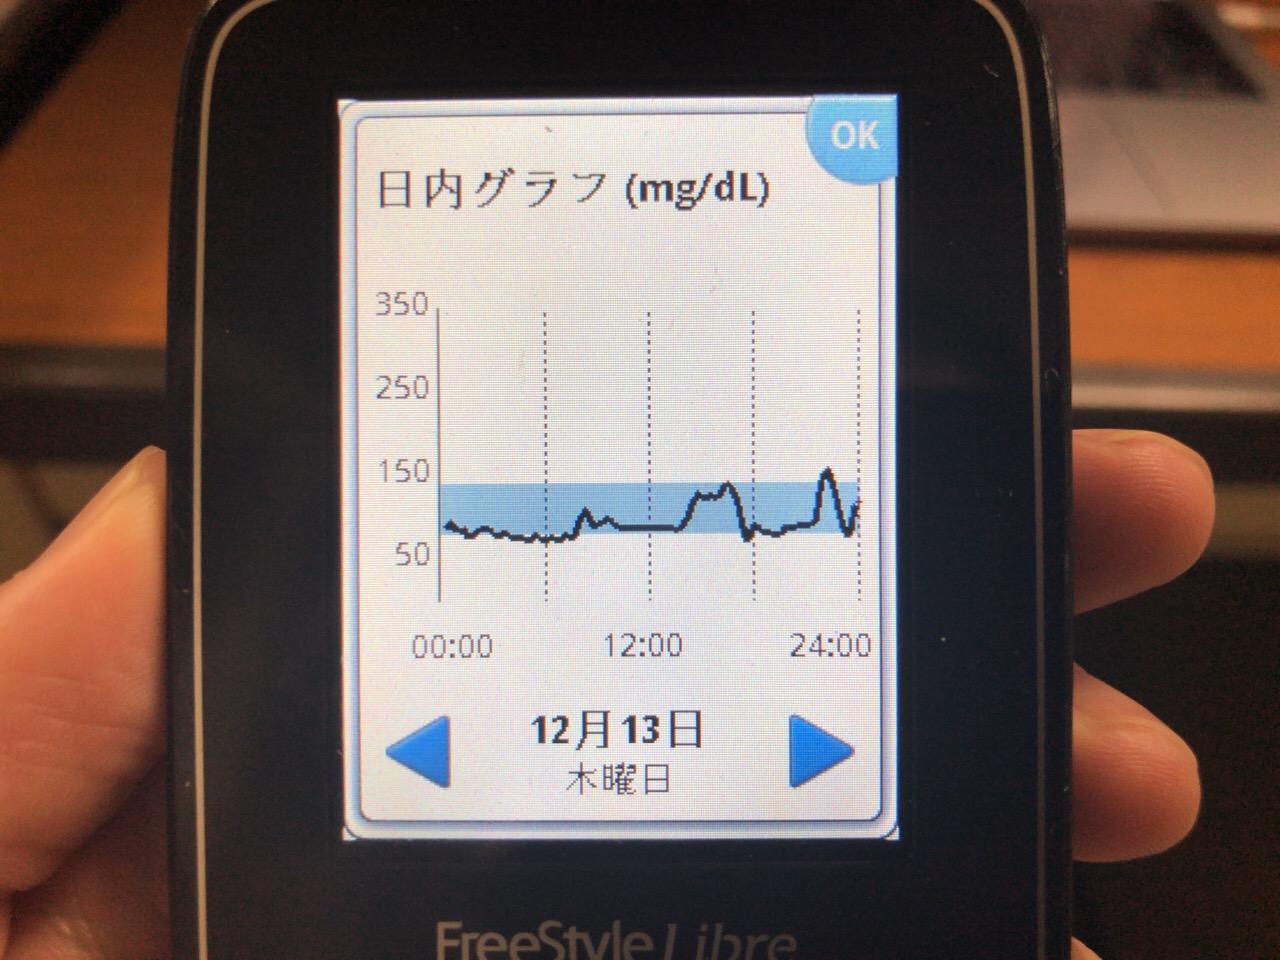 ガトーフェスタハラダのラスク3袋で午後の高血糖を維持し,忘年会に参戦した1日|糖尿病内科医のフリースタイルリブレ自己血糖記録